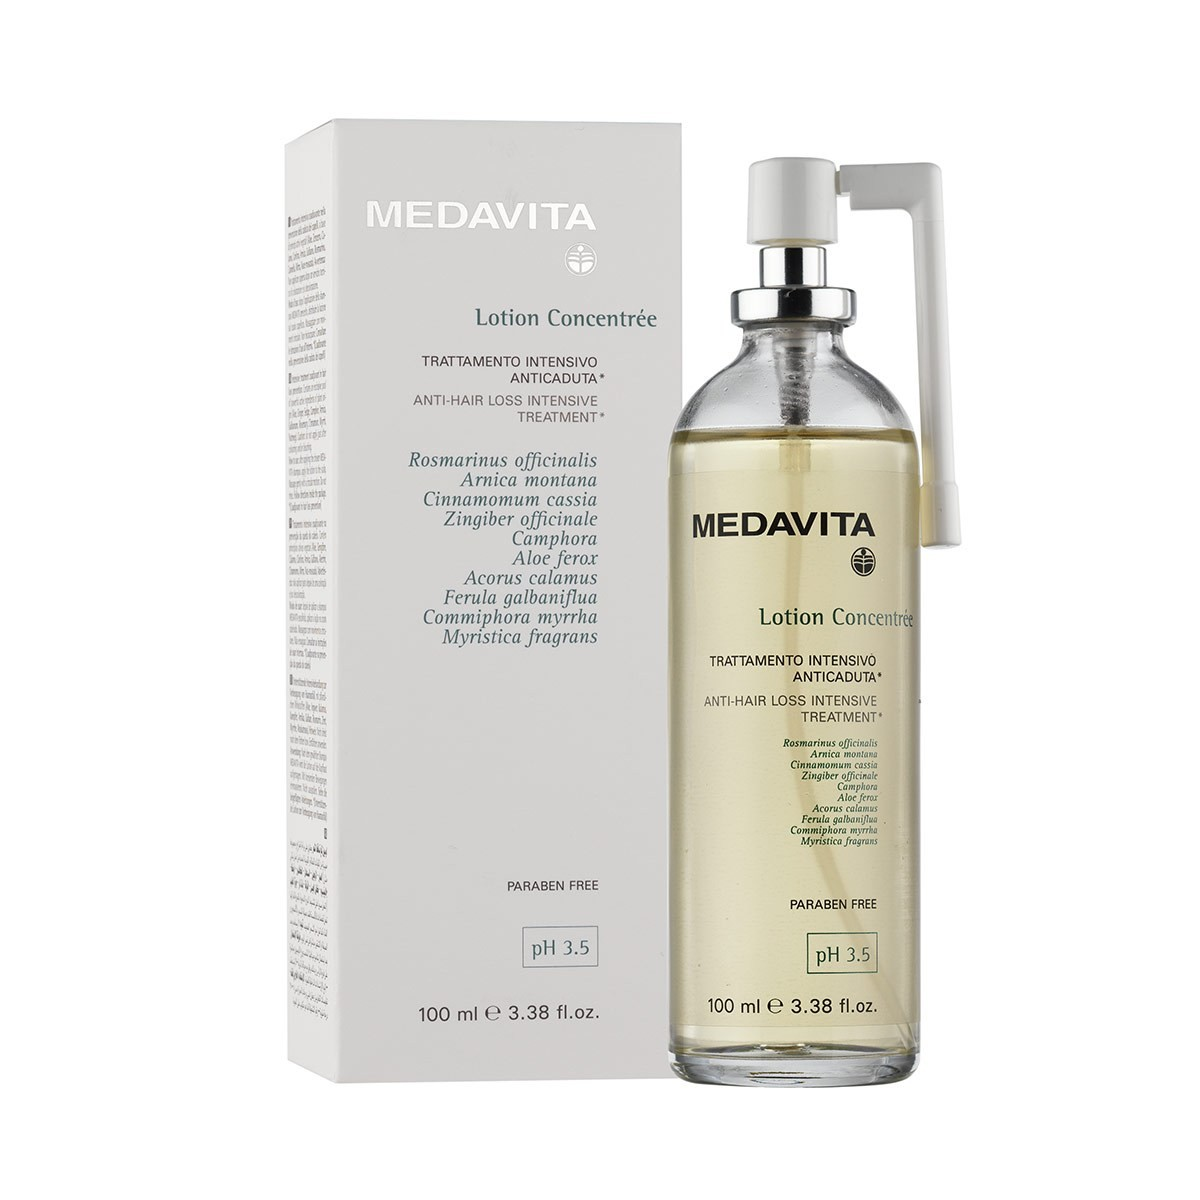 MEDAVITA LC Homme Trattamenta Intensivo Anticaduta 100ml - Tonik lotion przeciw wypadaniu włosów